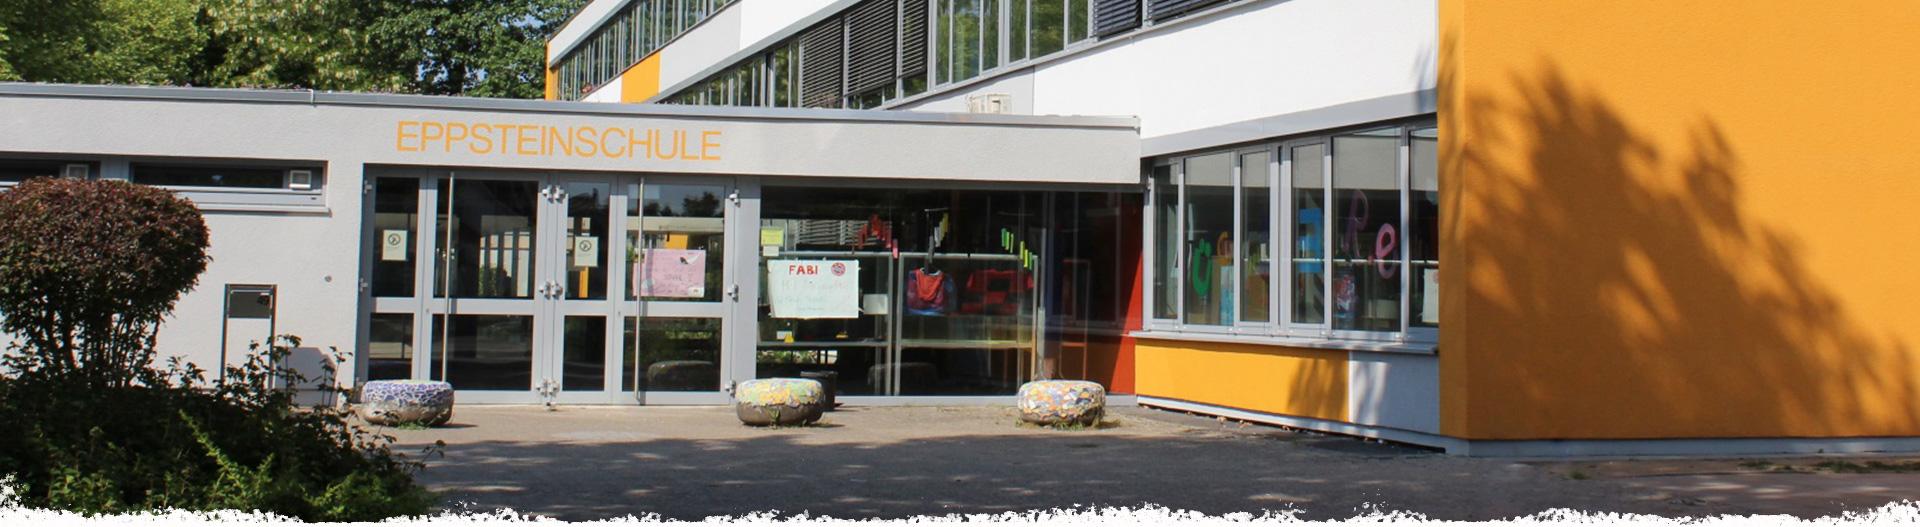 Eppsteinschule Hanau Steinheim